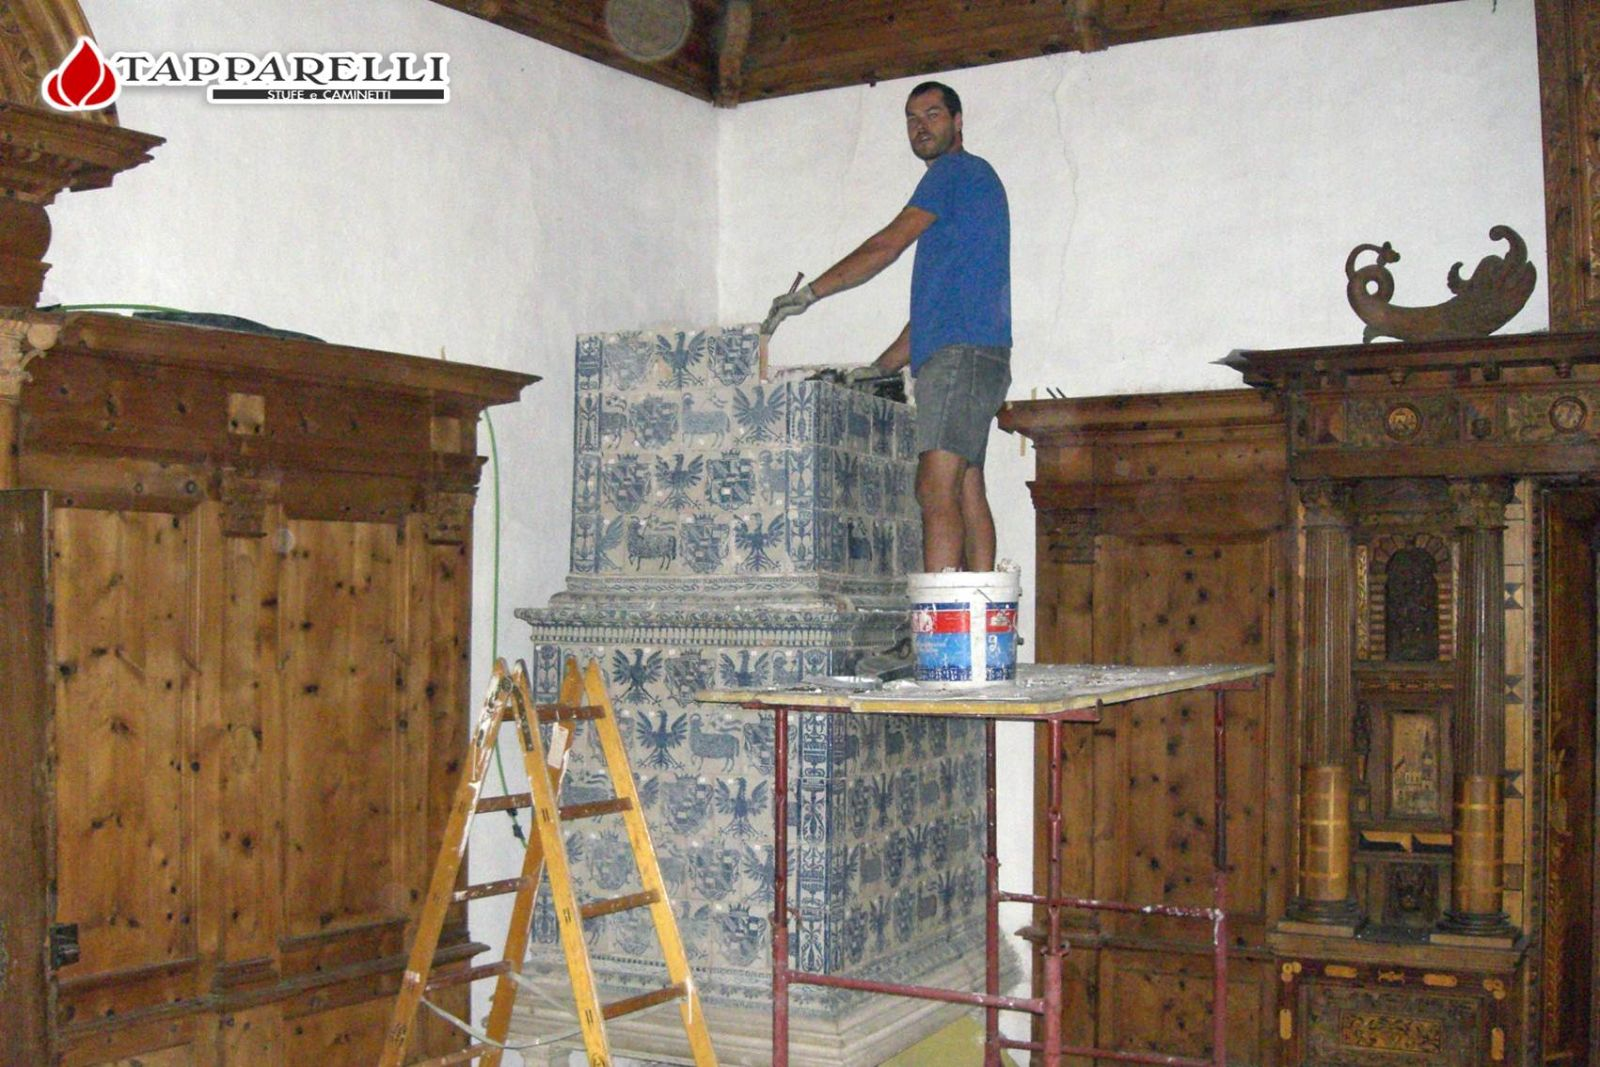 Castel thun restauro stufa nella stanza del principe vescovo